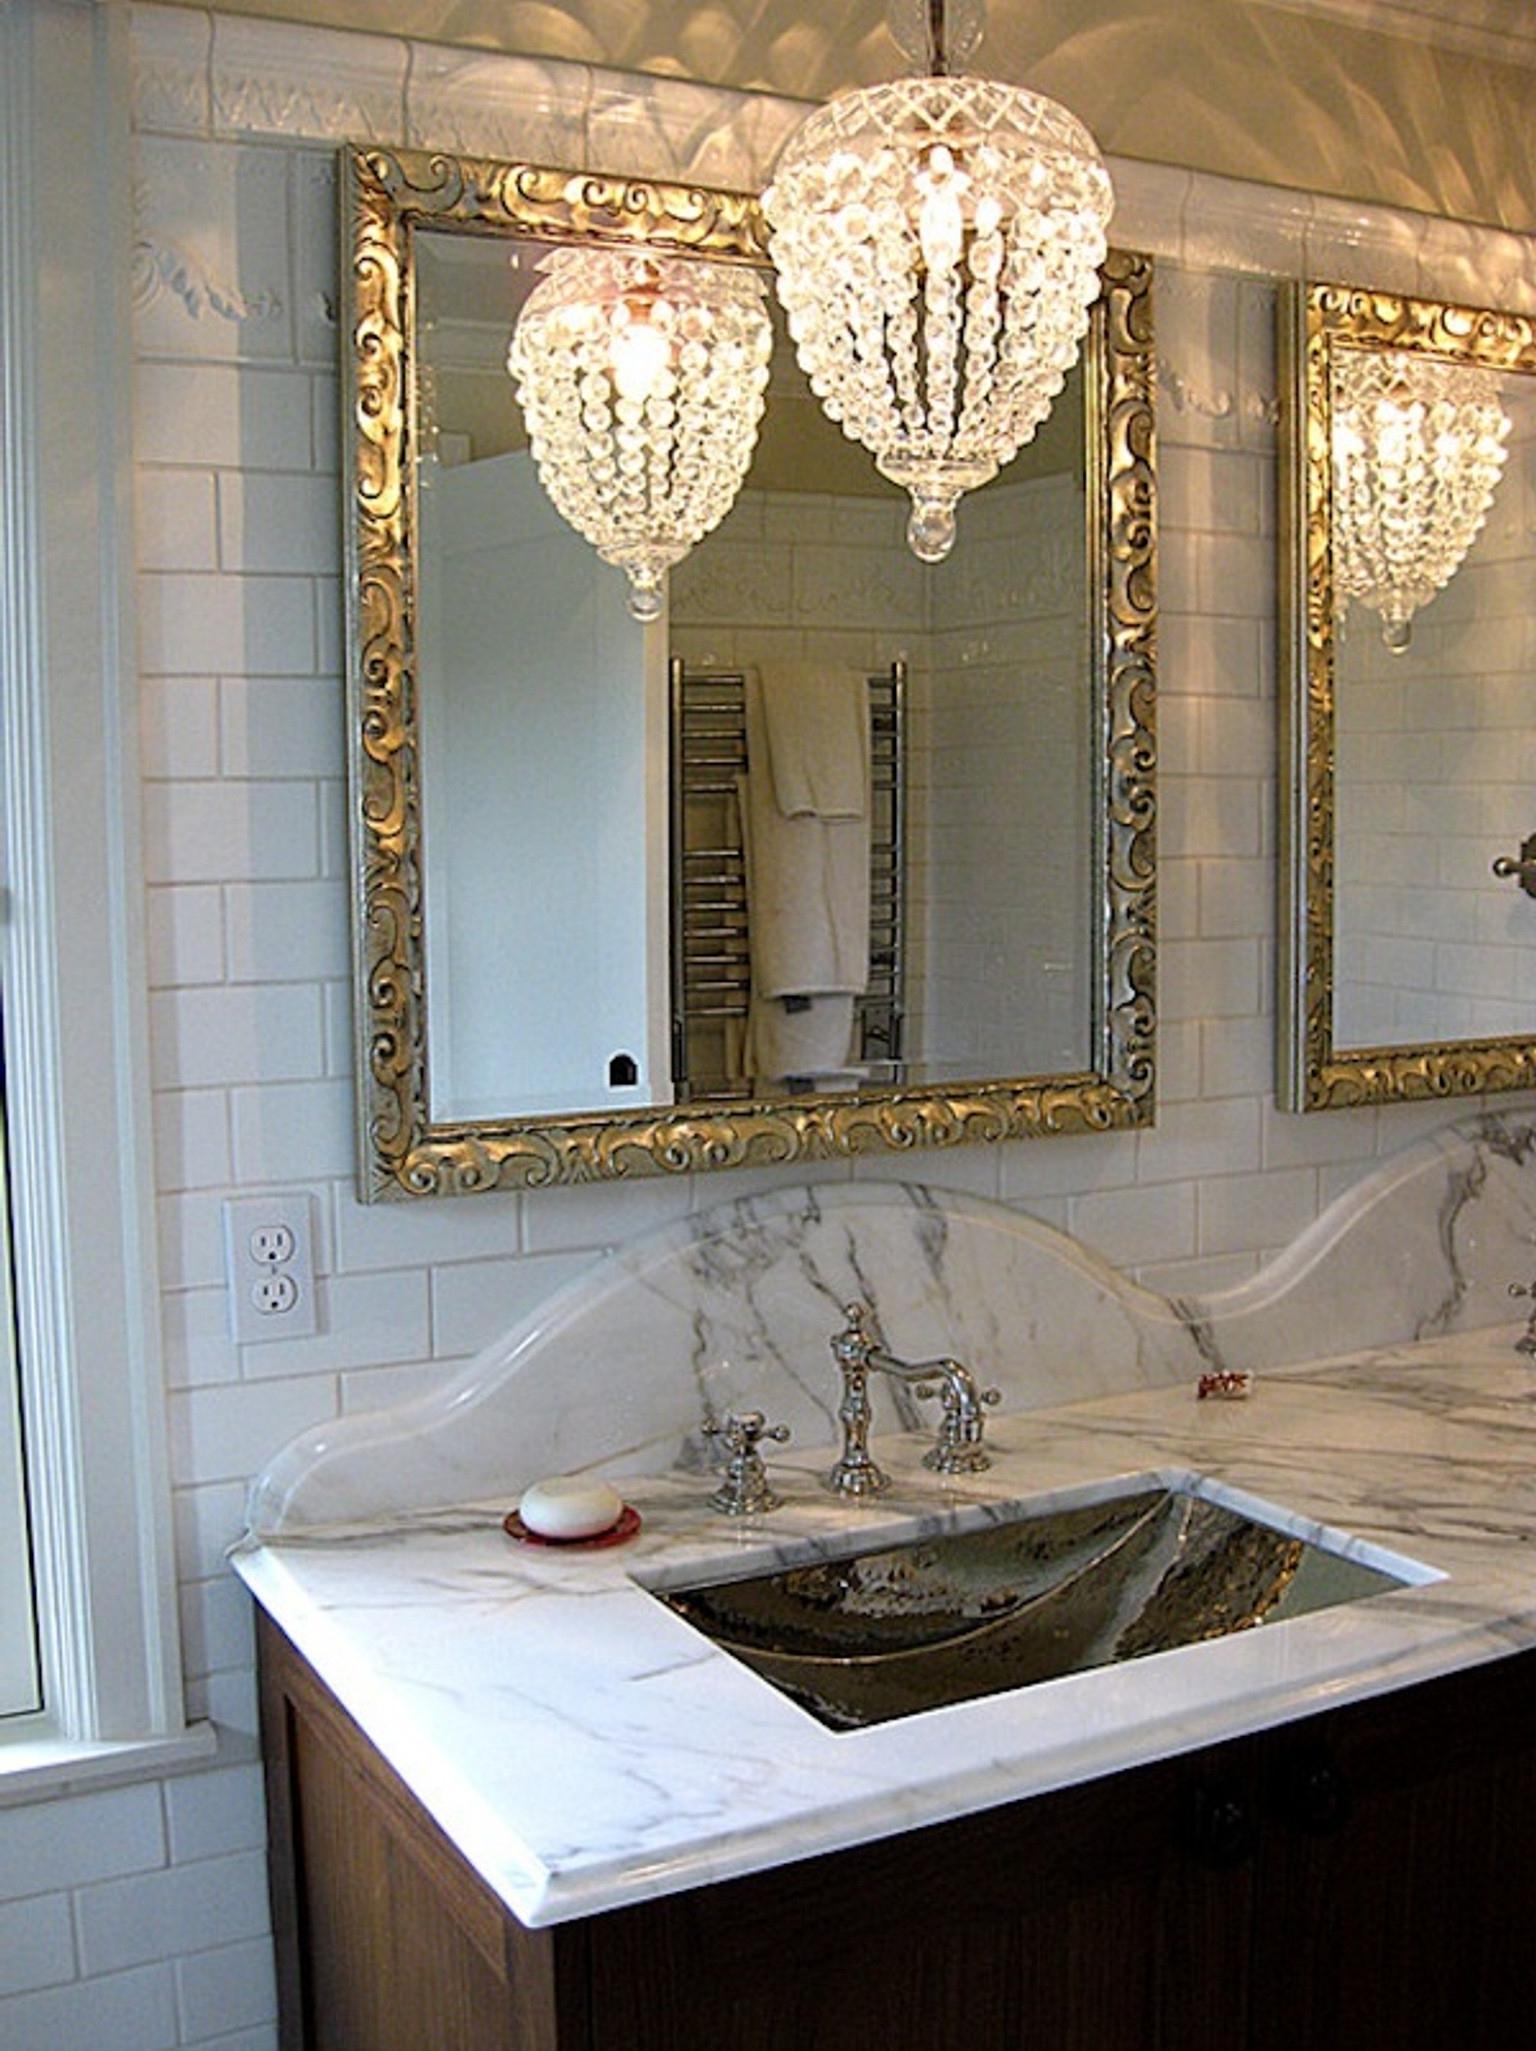 Preferred Chandeliers : Bathroom Chandeliers Ideas Elegant Beneficial Bathroom Intended For Chandelier Bathroom Lighting Fixtures (View 8 of 15)